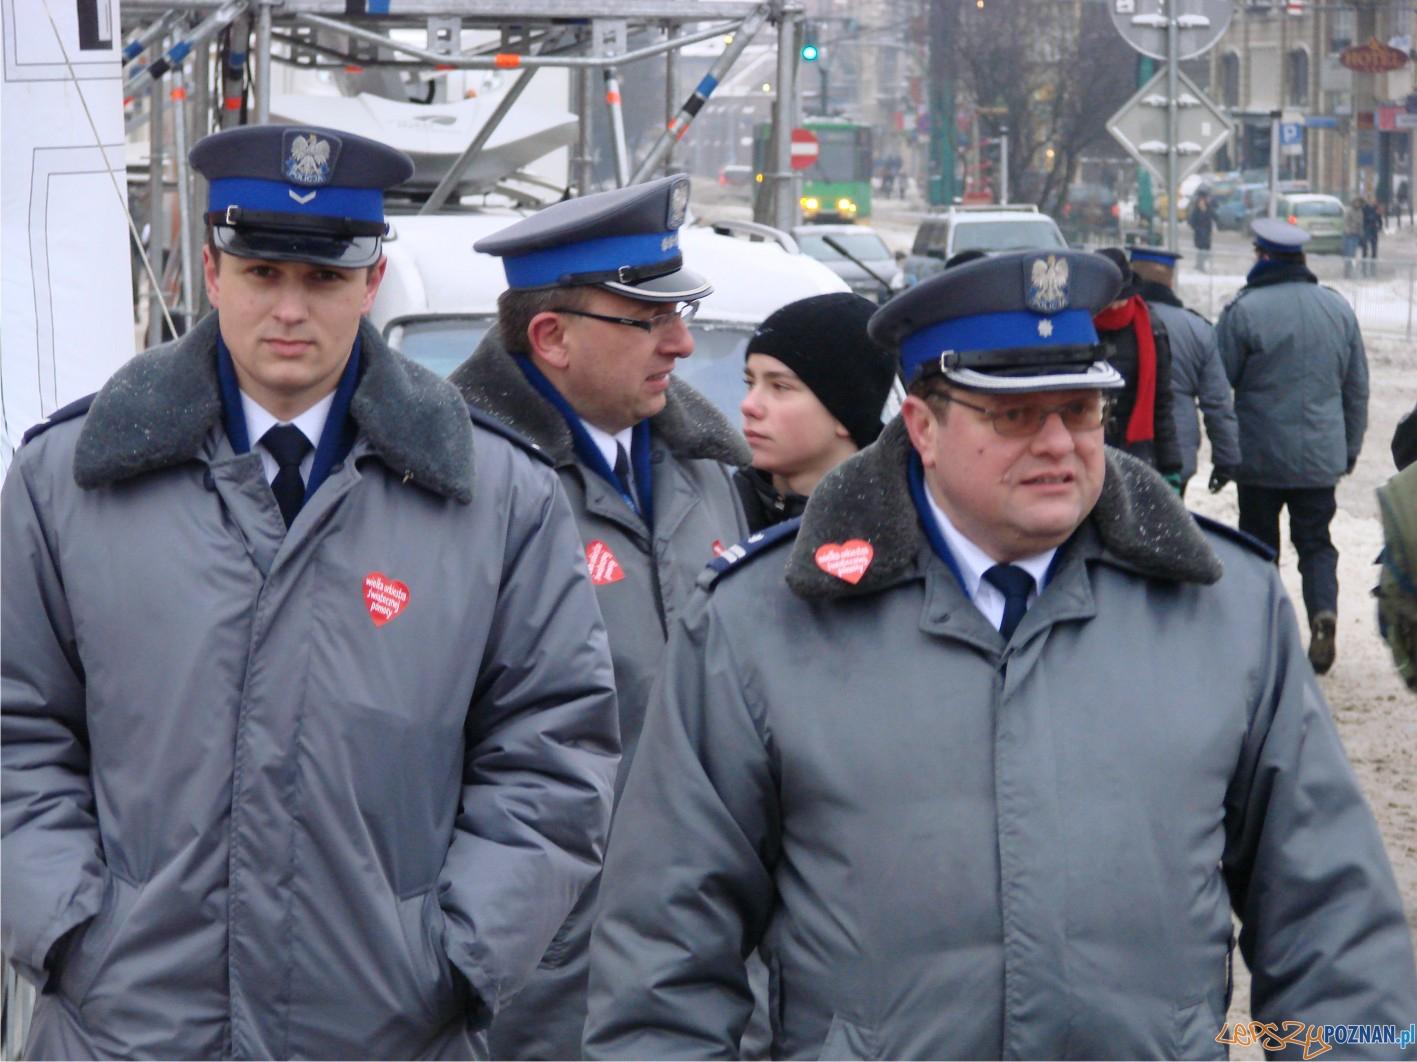 policja - nie tylko dbała o bezpieczeństwo :)  Foto: